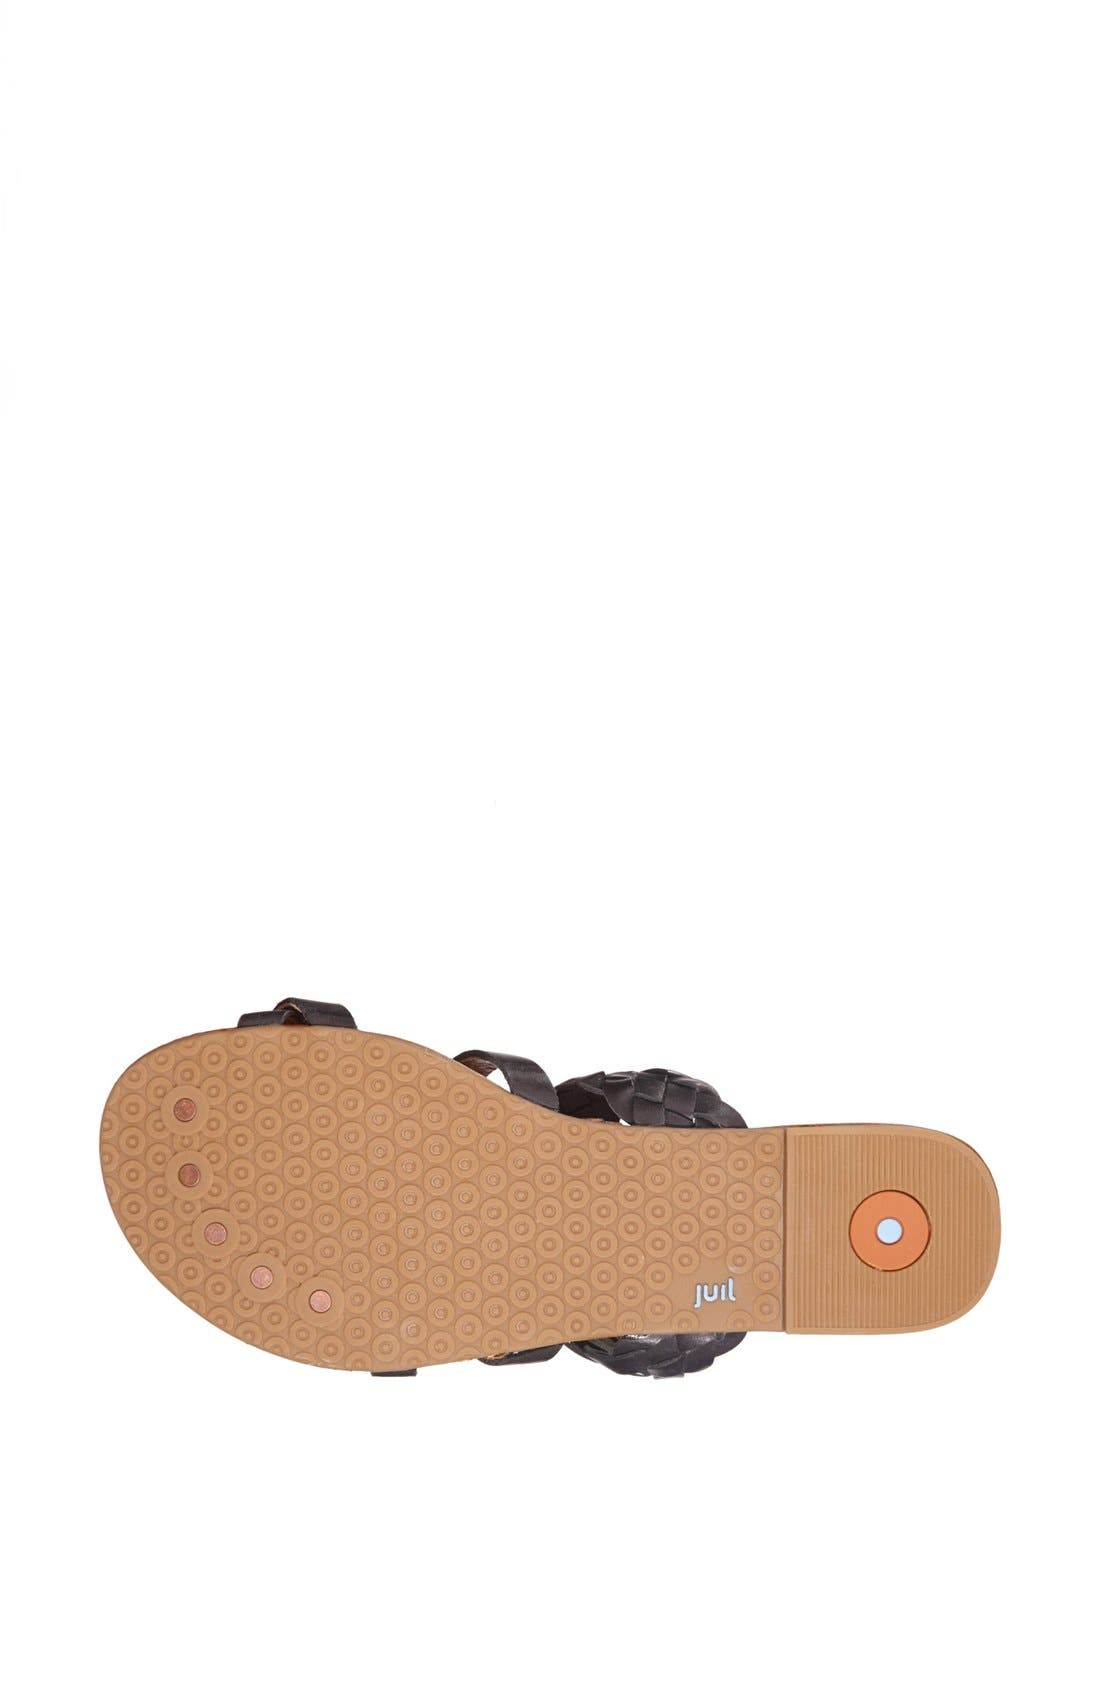 'Santi' Leather Sandal,                             Alternate thumbnail 2, color,                             010